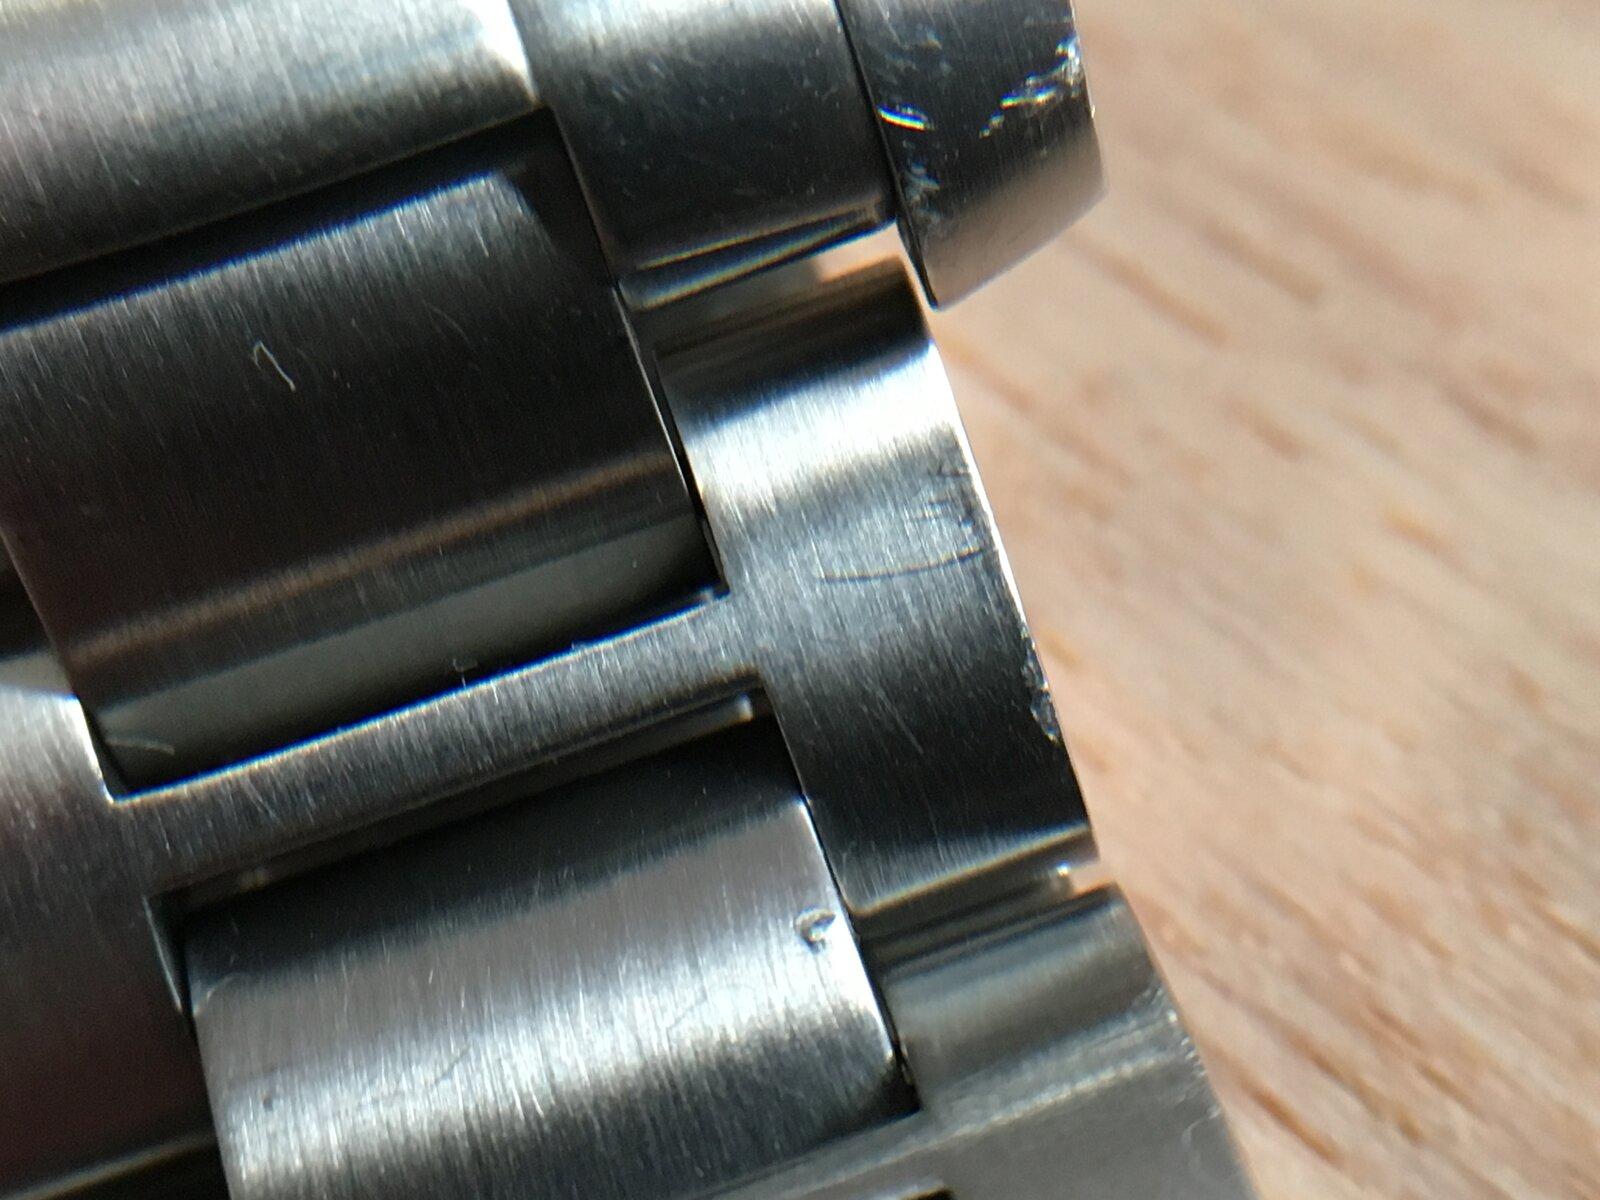 3C948CA7-F8A9-4C22-B853-EBB630F9C711.